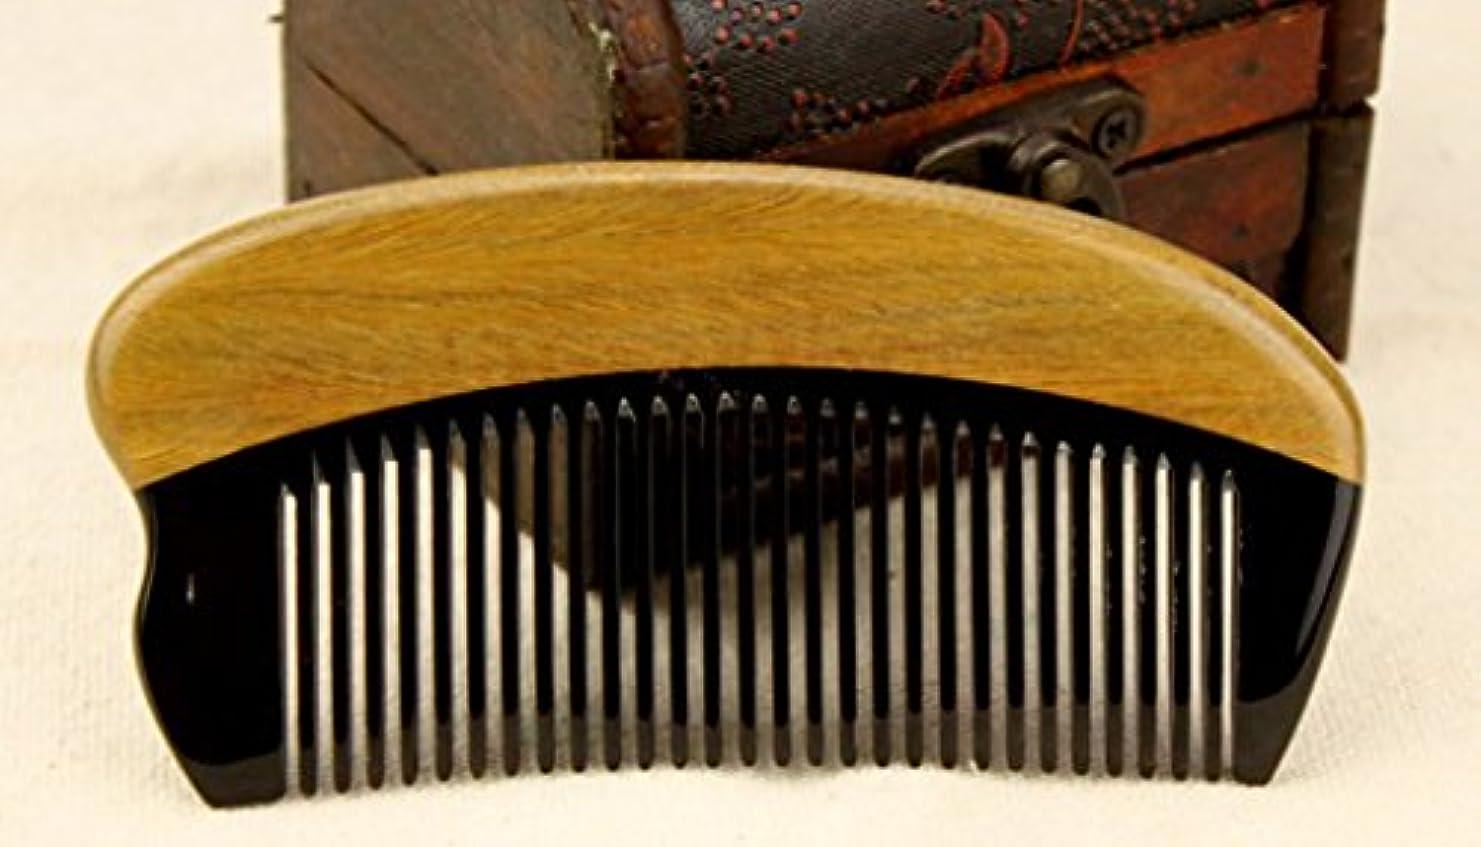 巨大ごみ八百屋櫛型 緑檀木 プロも使う牛角かっさプレート マサージ用 血行改善 高級 天然 静電気 防止 美髪美顔 敬老の日